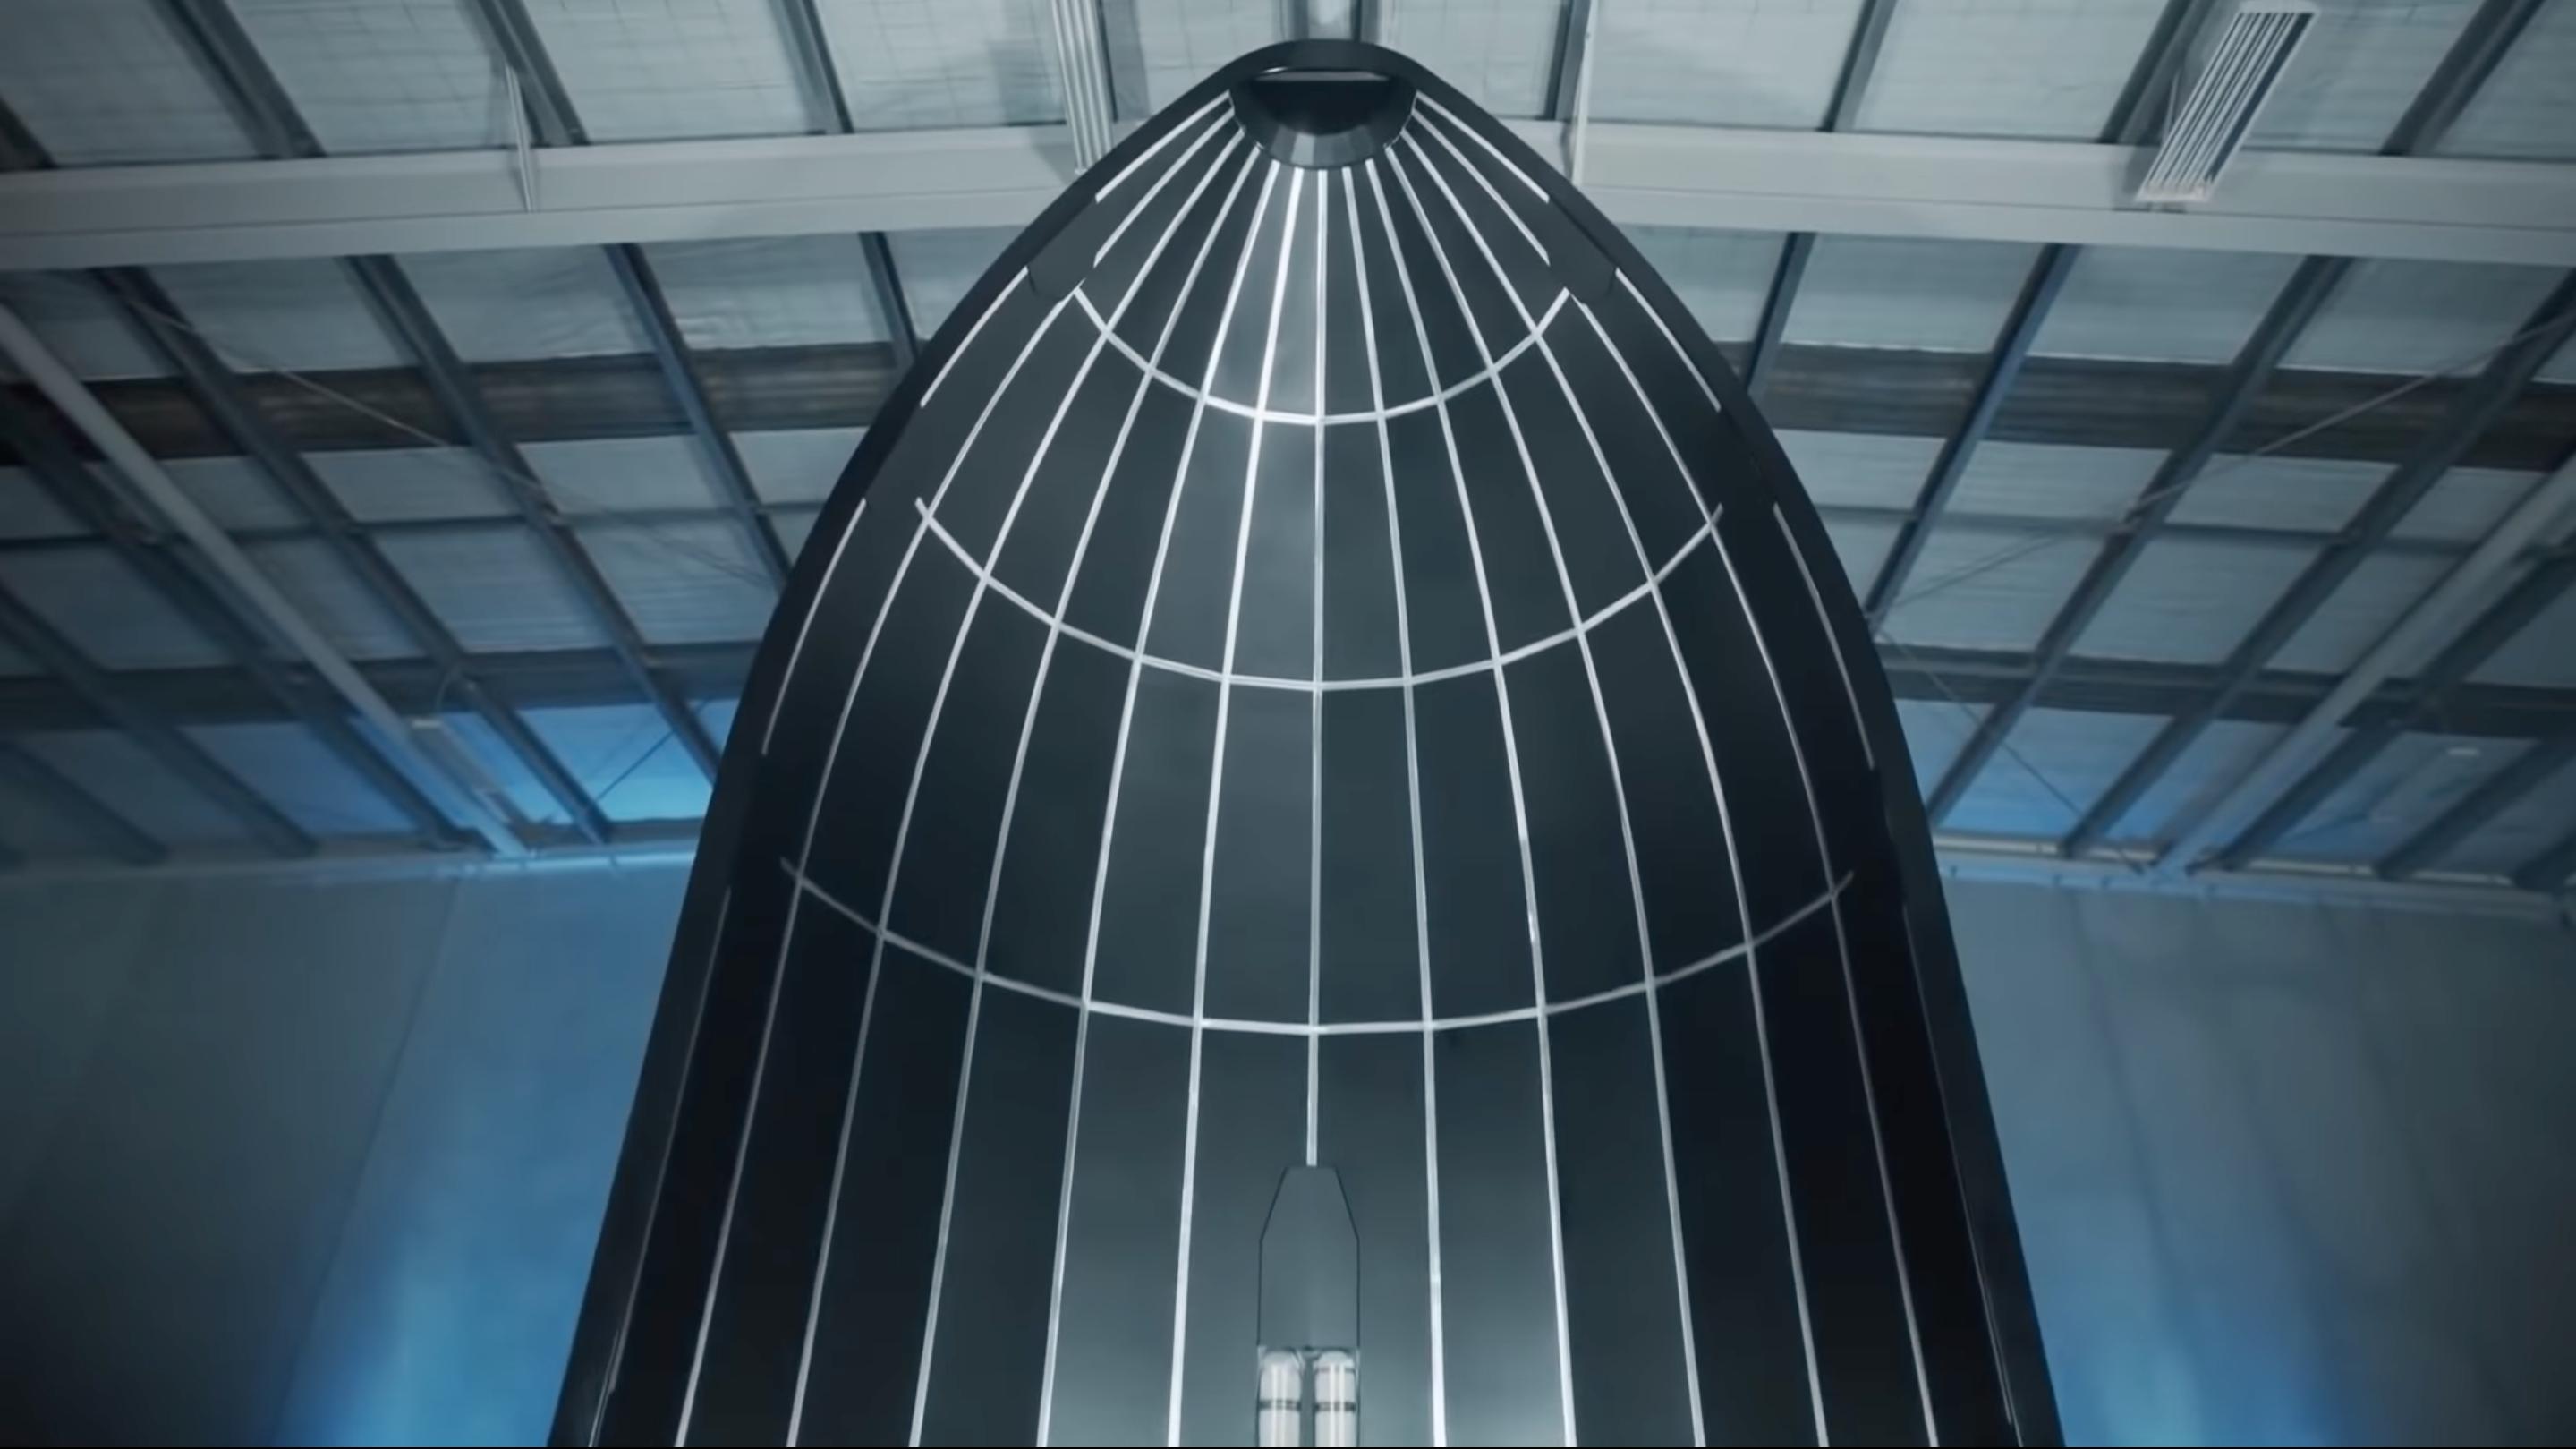 ロケット・ラボが大型ロケットを発表、スペースXの最大のライバルへ